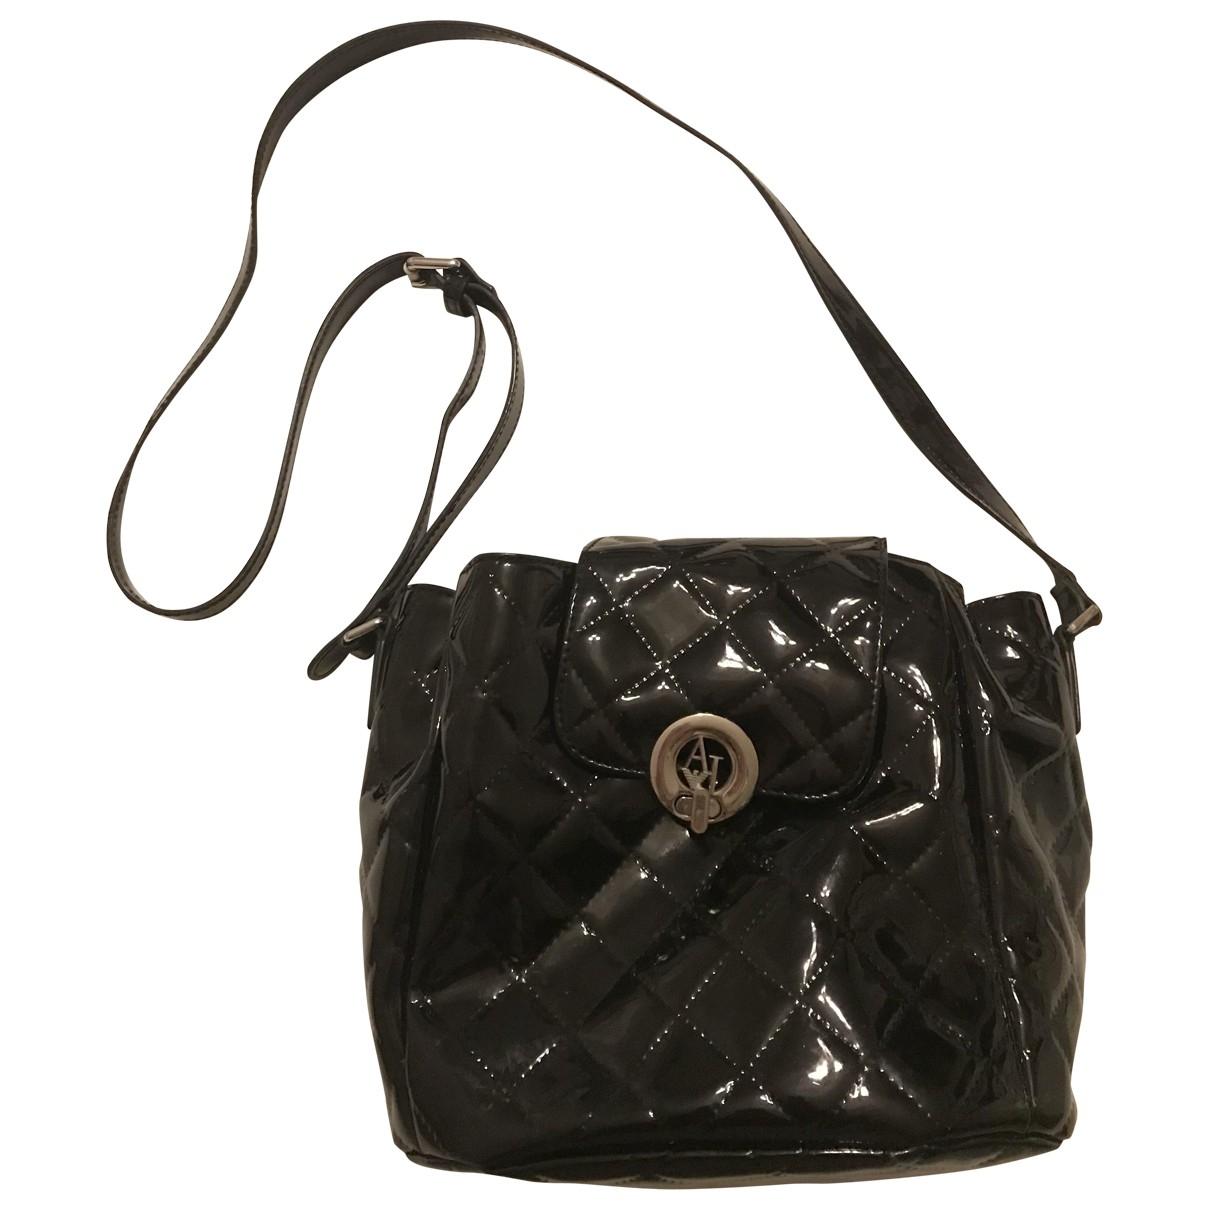 Armani Jeans \N Handtasche in  Schwarz Lackleder